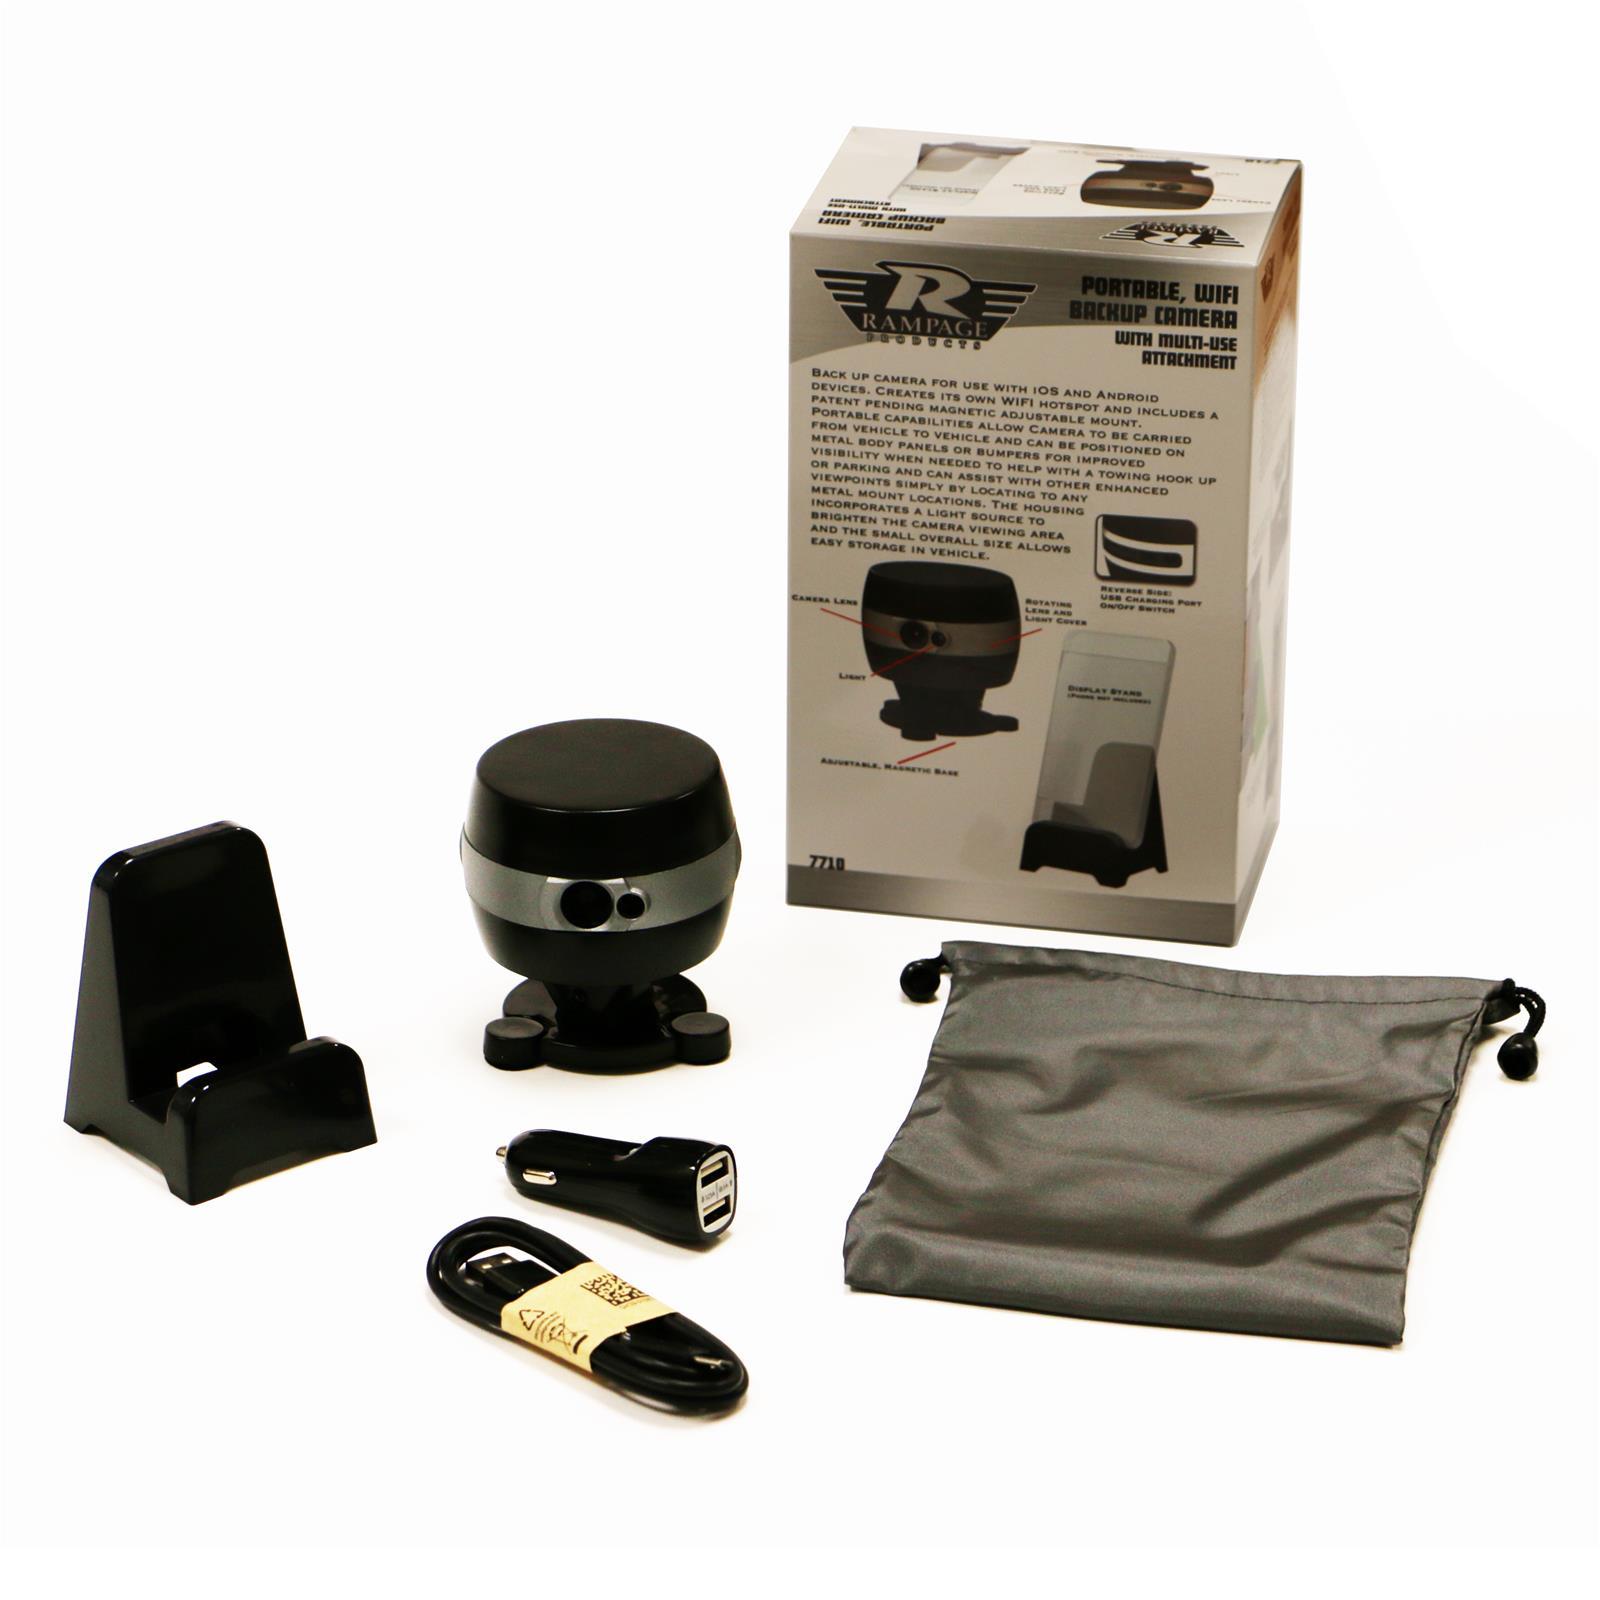 Rampage 7710 Backup Camera Portable Wi Fi Wiring Kit eBay #847147